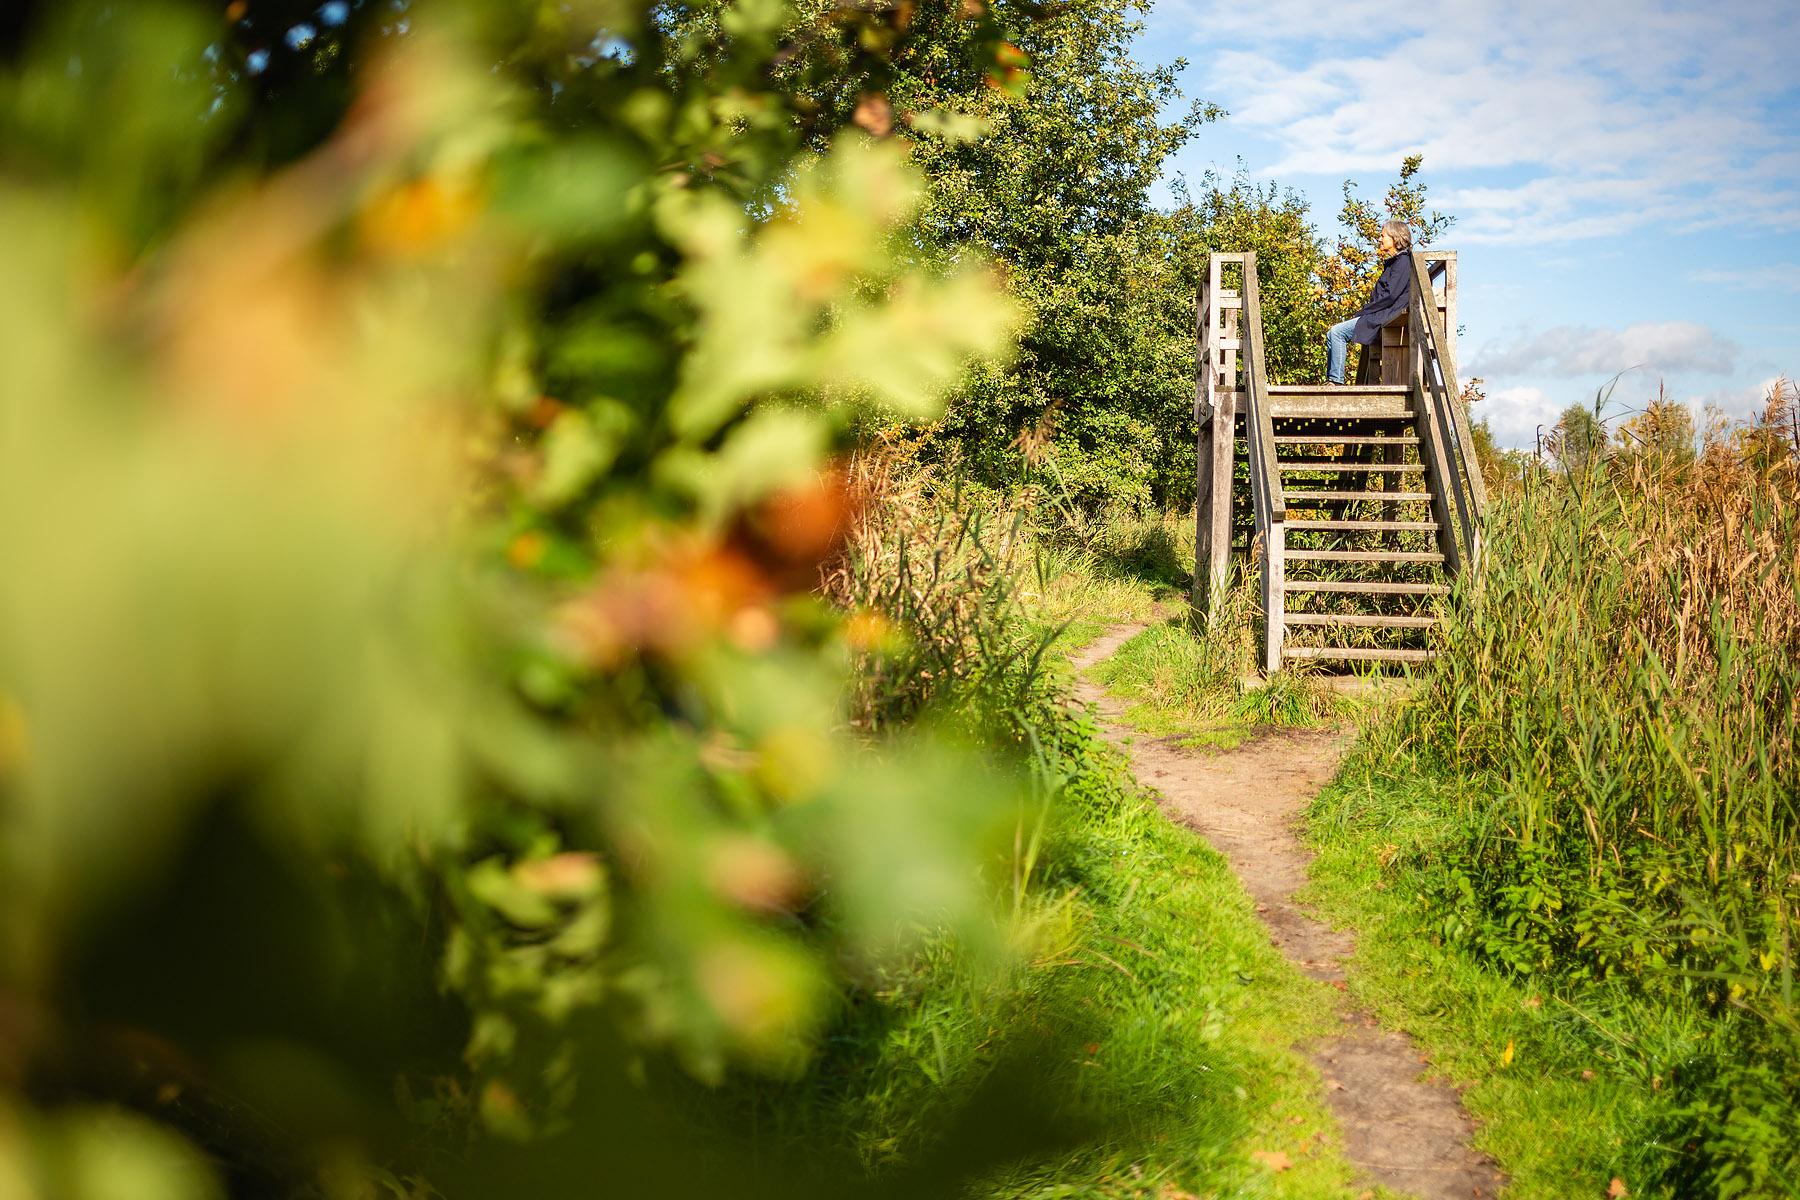 Uitkijktoren in het Hageven in Pelt (Neerpelt), West-Vlaamse landschapsfotograaf Glenn Vanderbeke